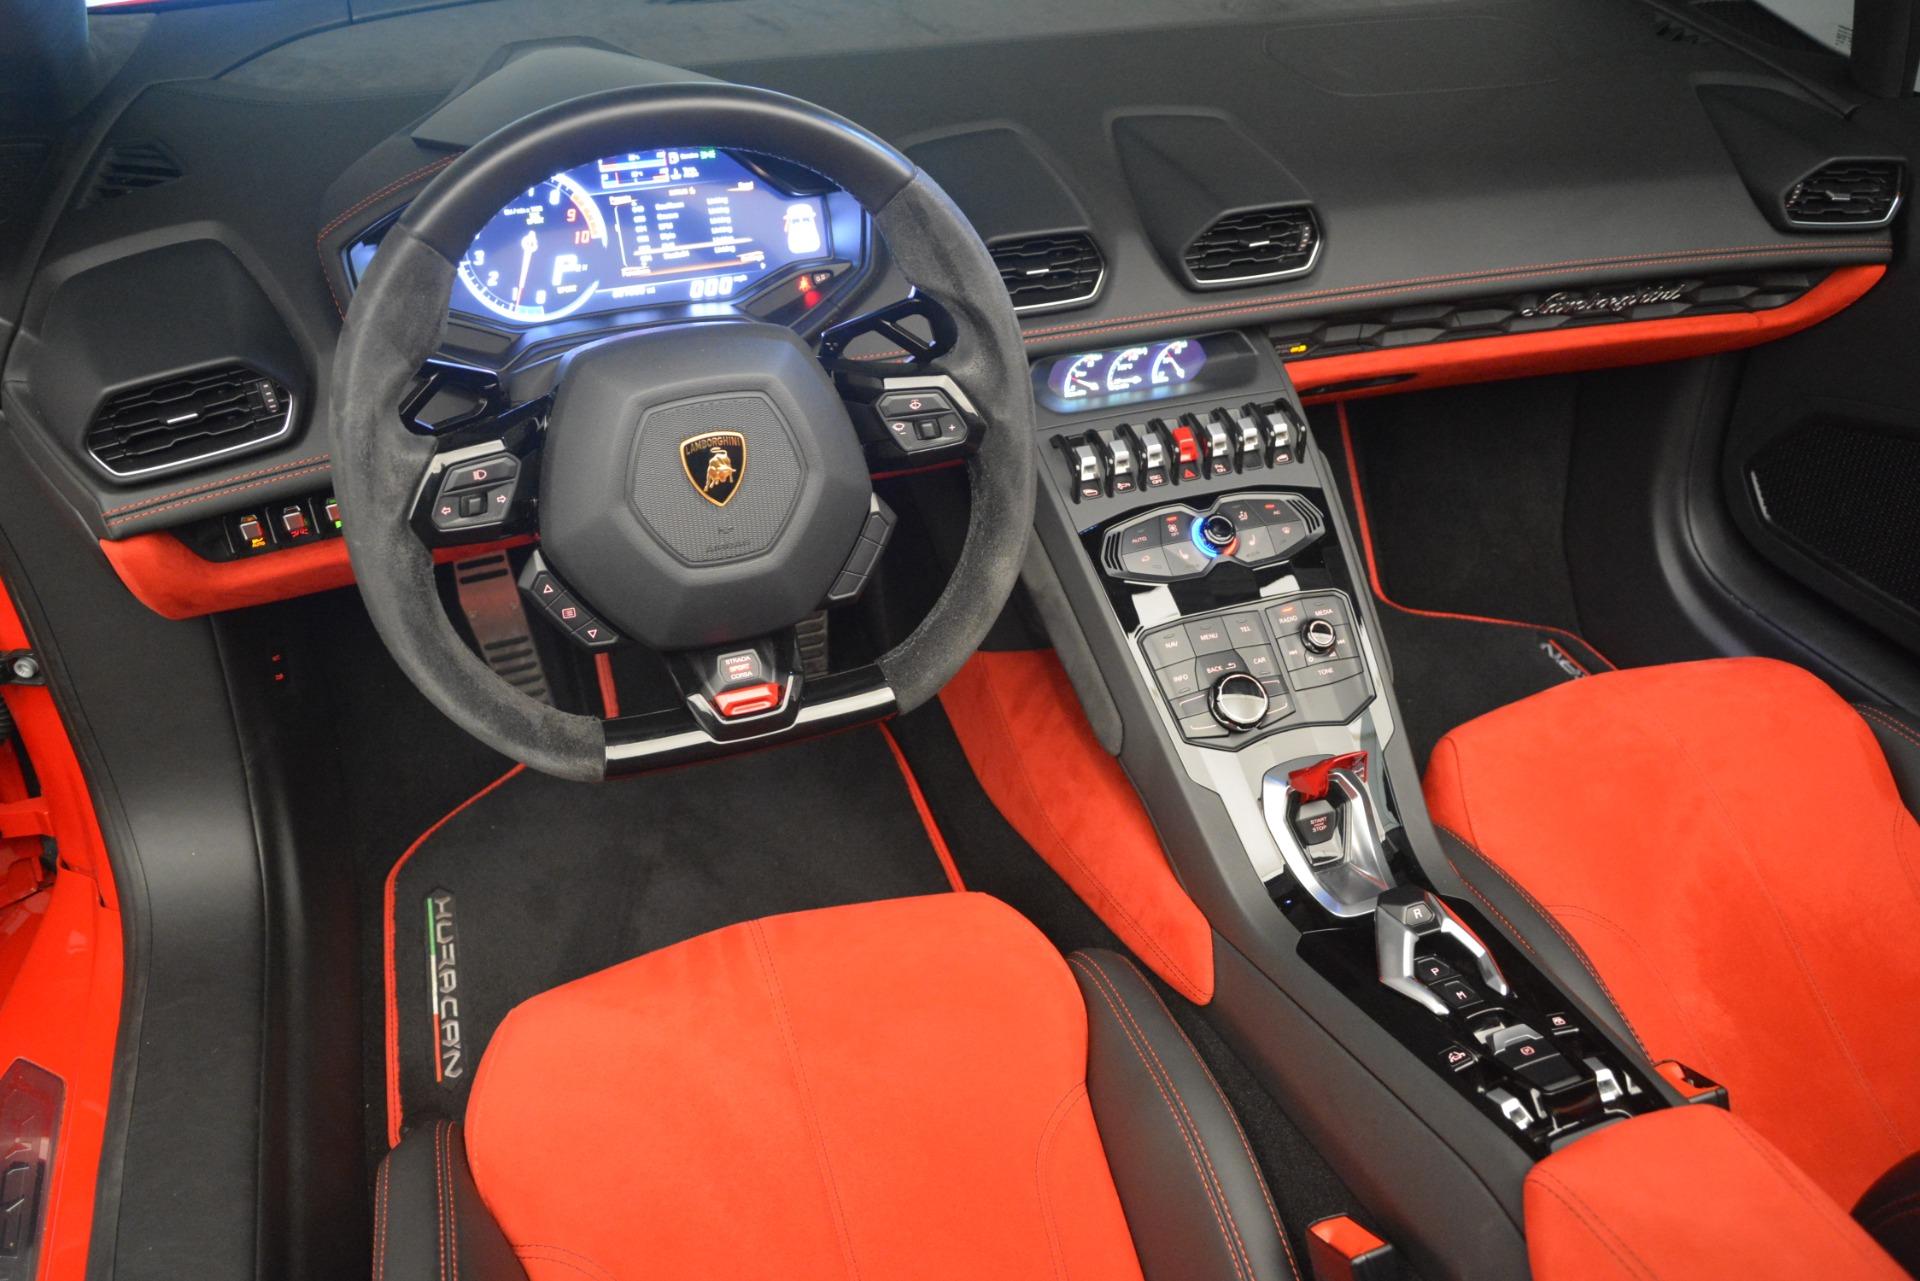 Used 2017 Lamborghini Huracan LP 610-4 Spyder For Sale In Westport, CT 3270_p19